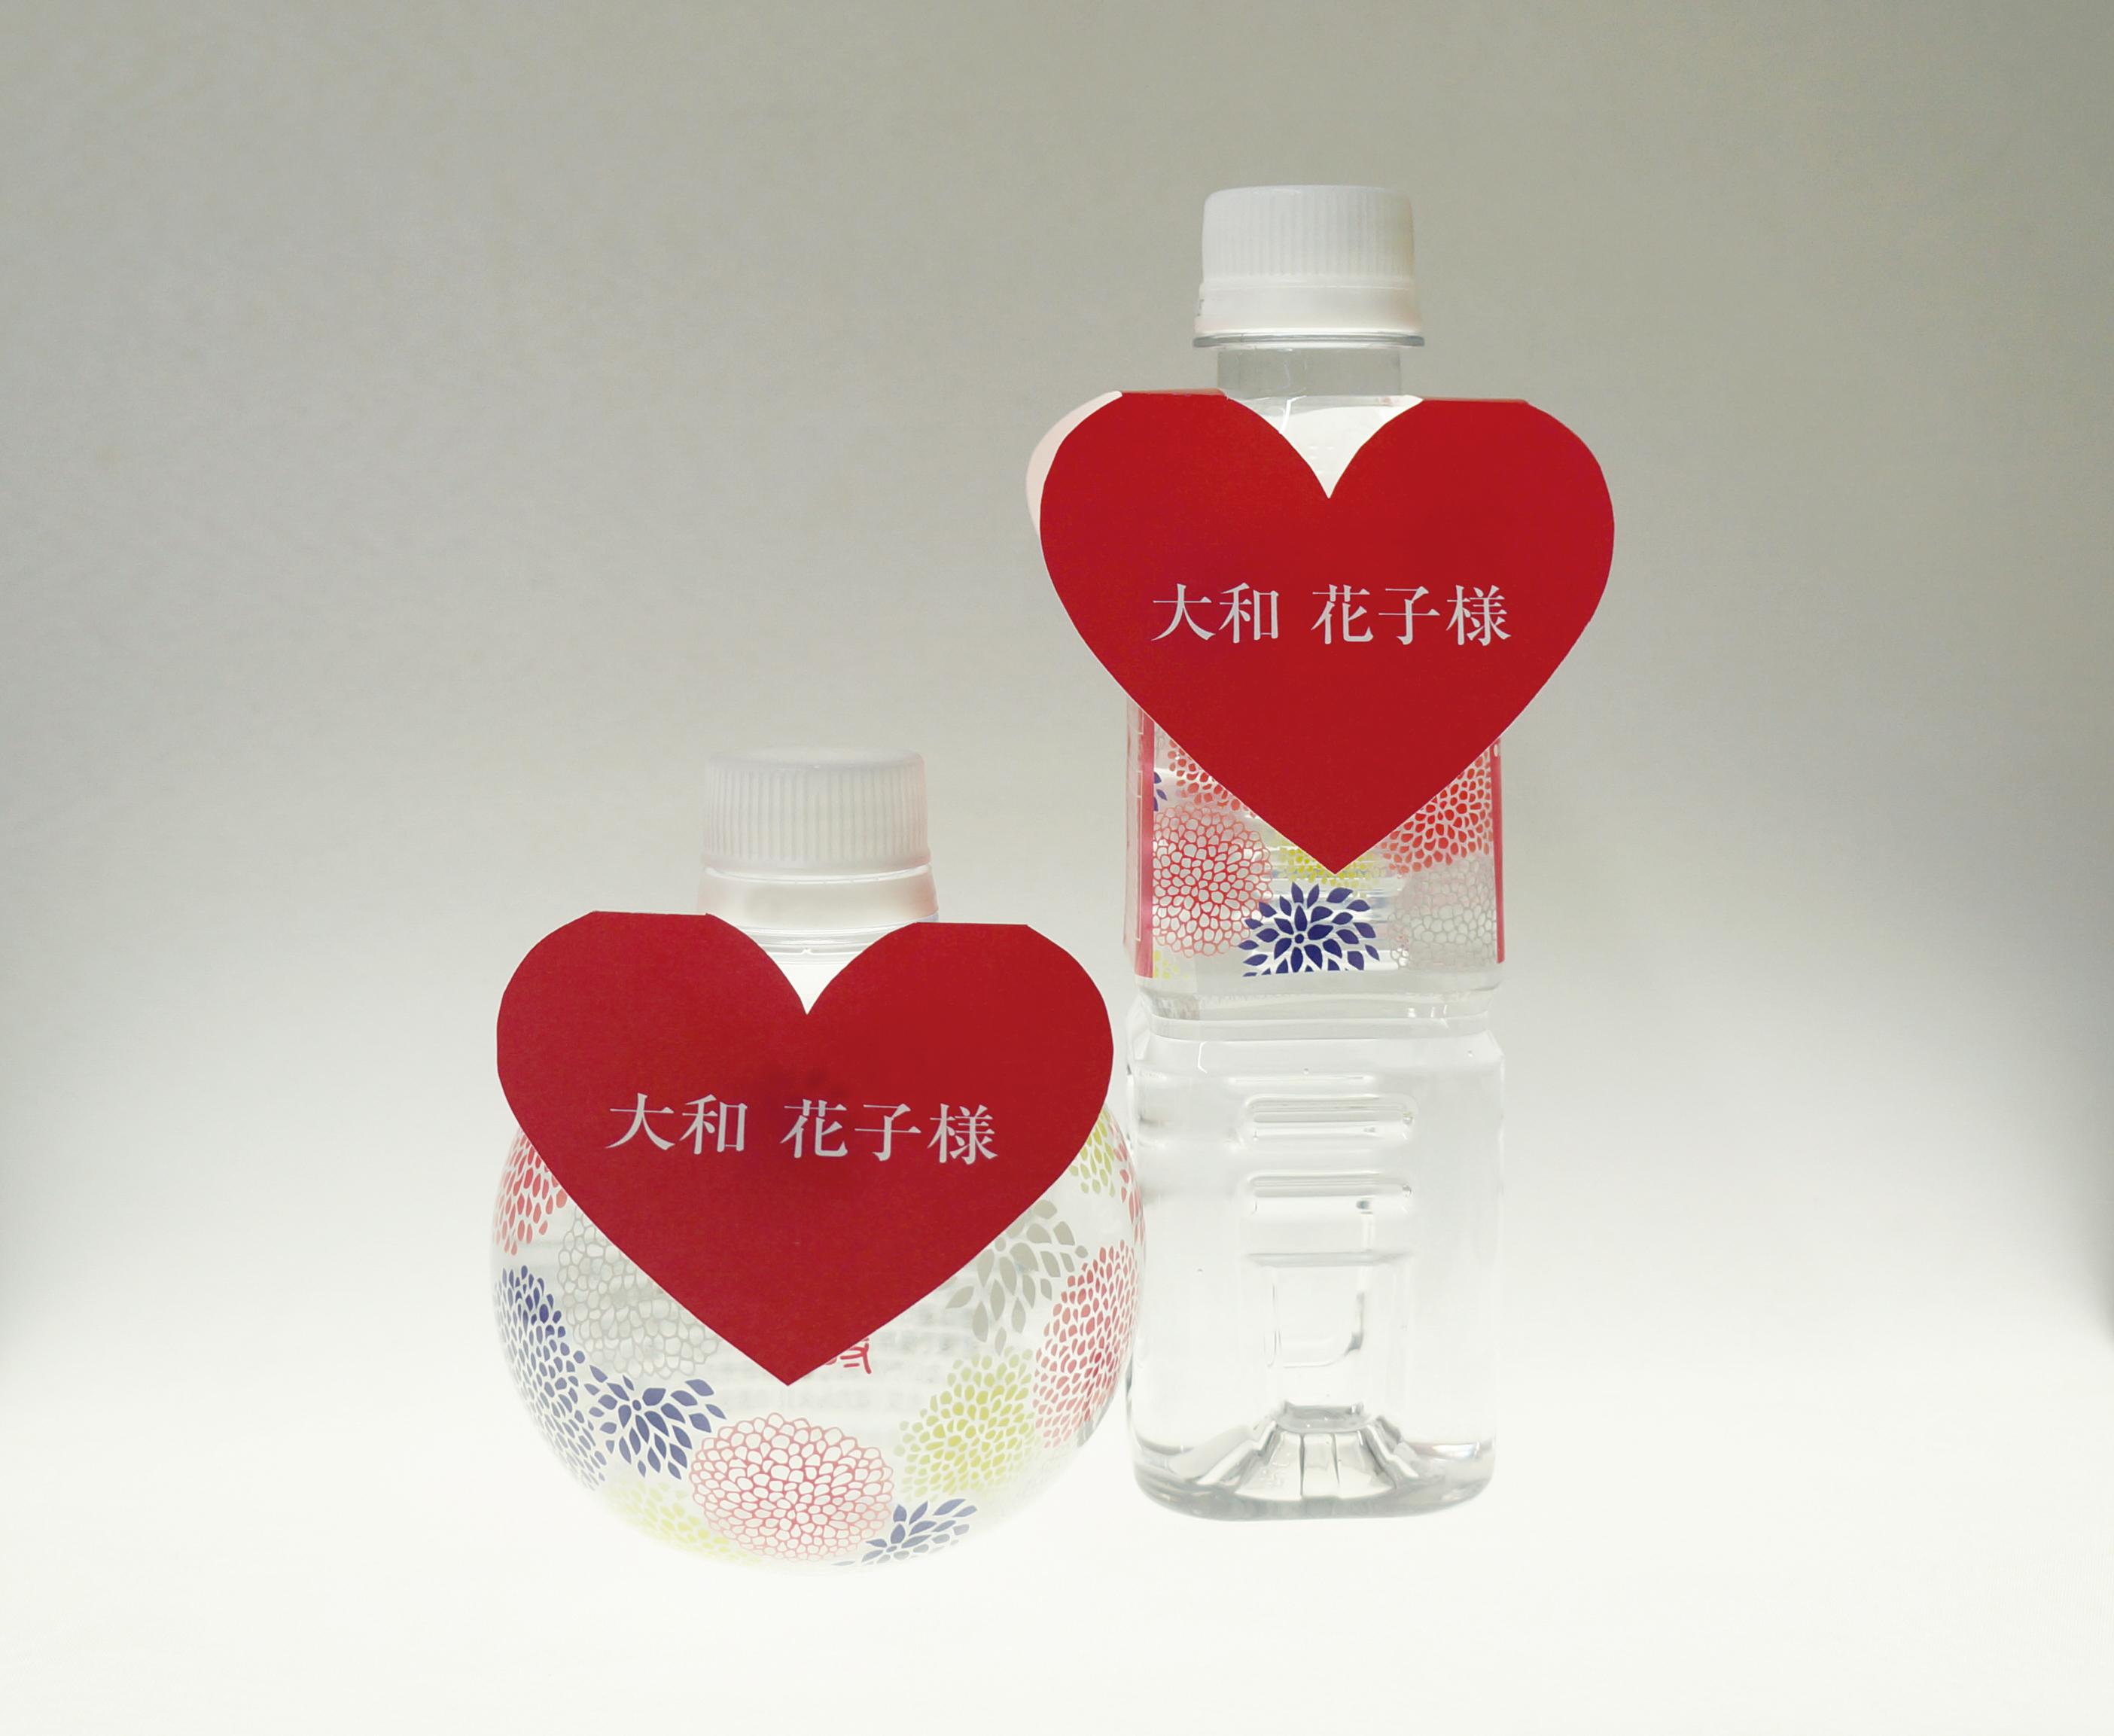 結婚式・ブライダルの席札で使える!オリジナルラベルの天然水活用アイディア